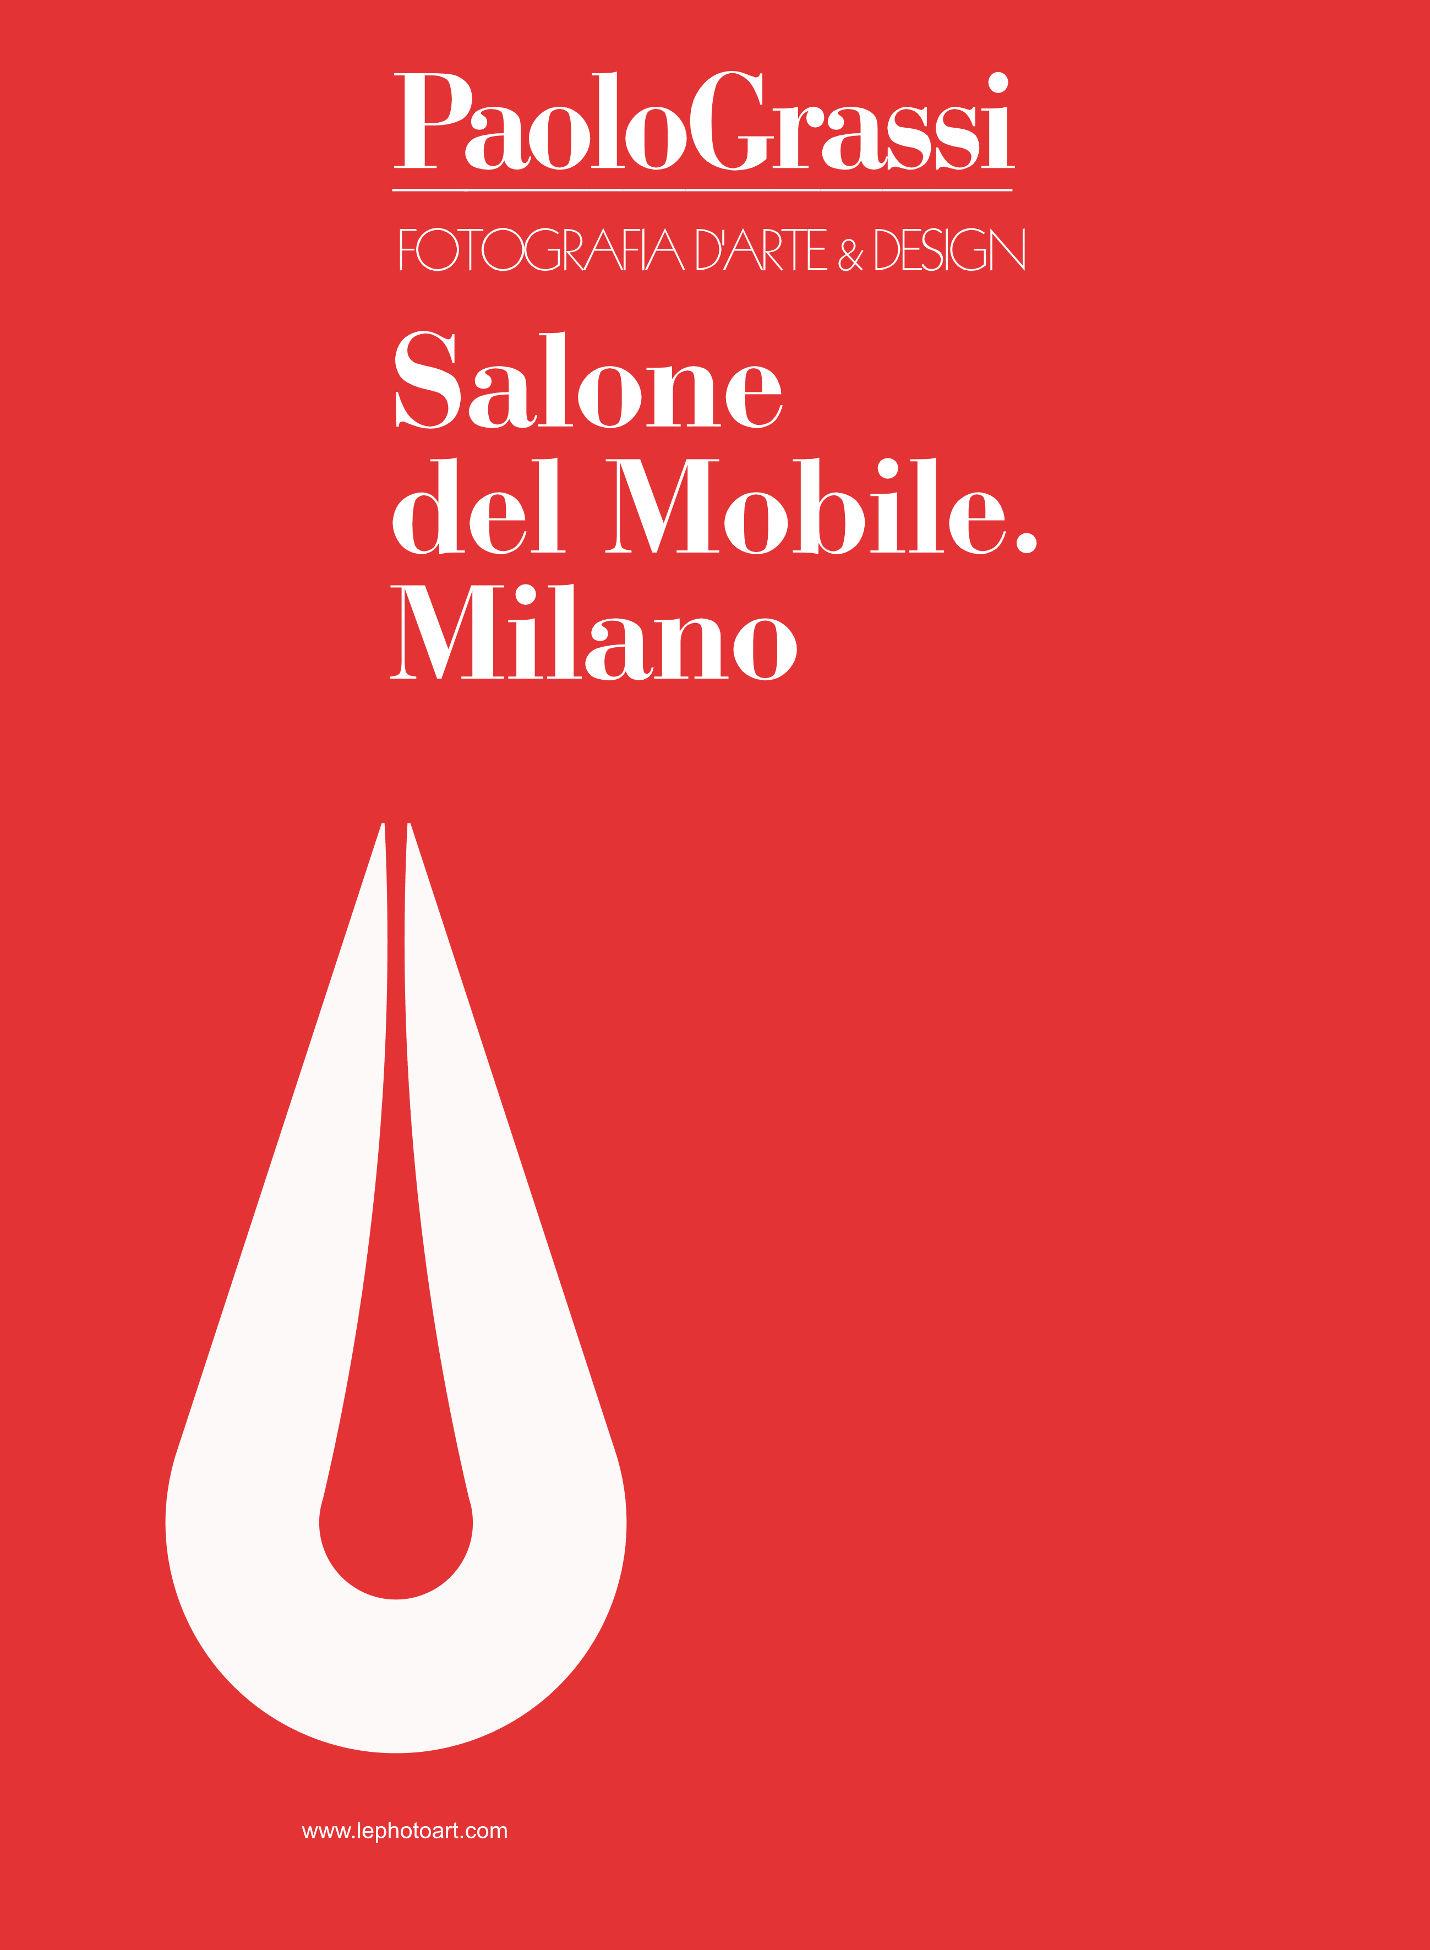 Salone del Mobile. Milano. Copertina Catalogo Fotografia d'arte & Design